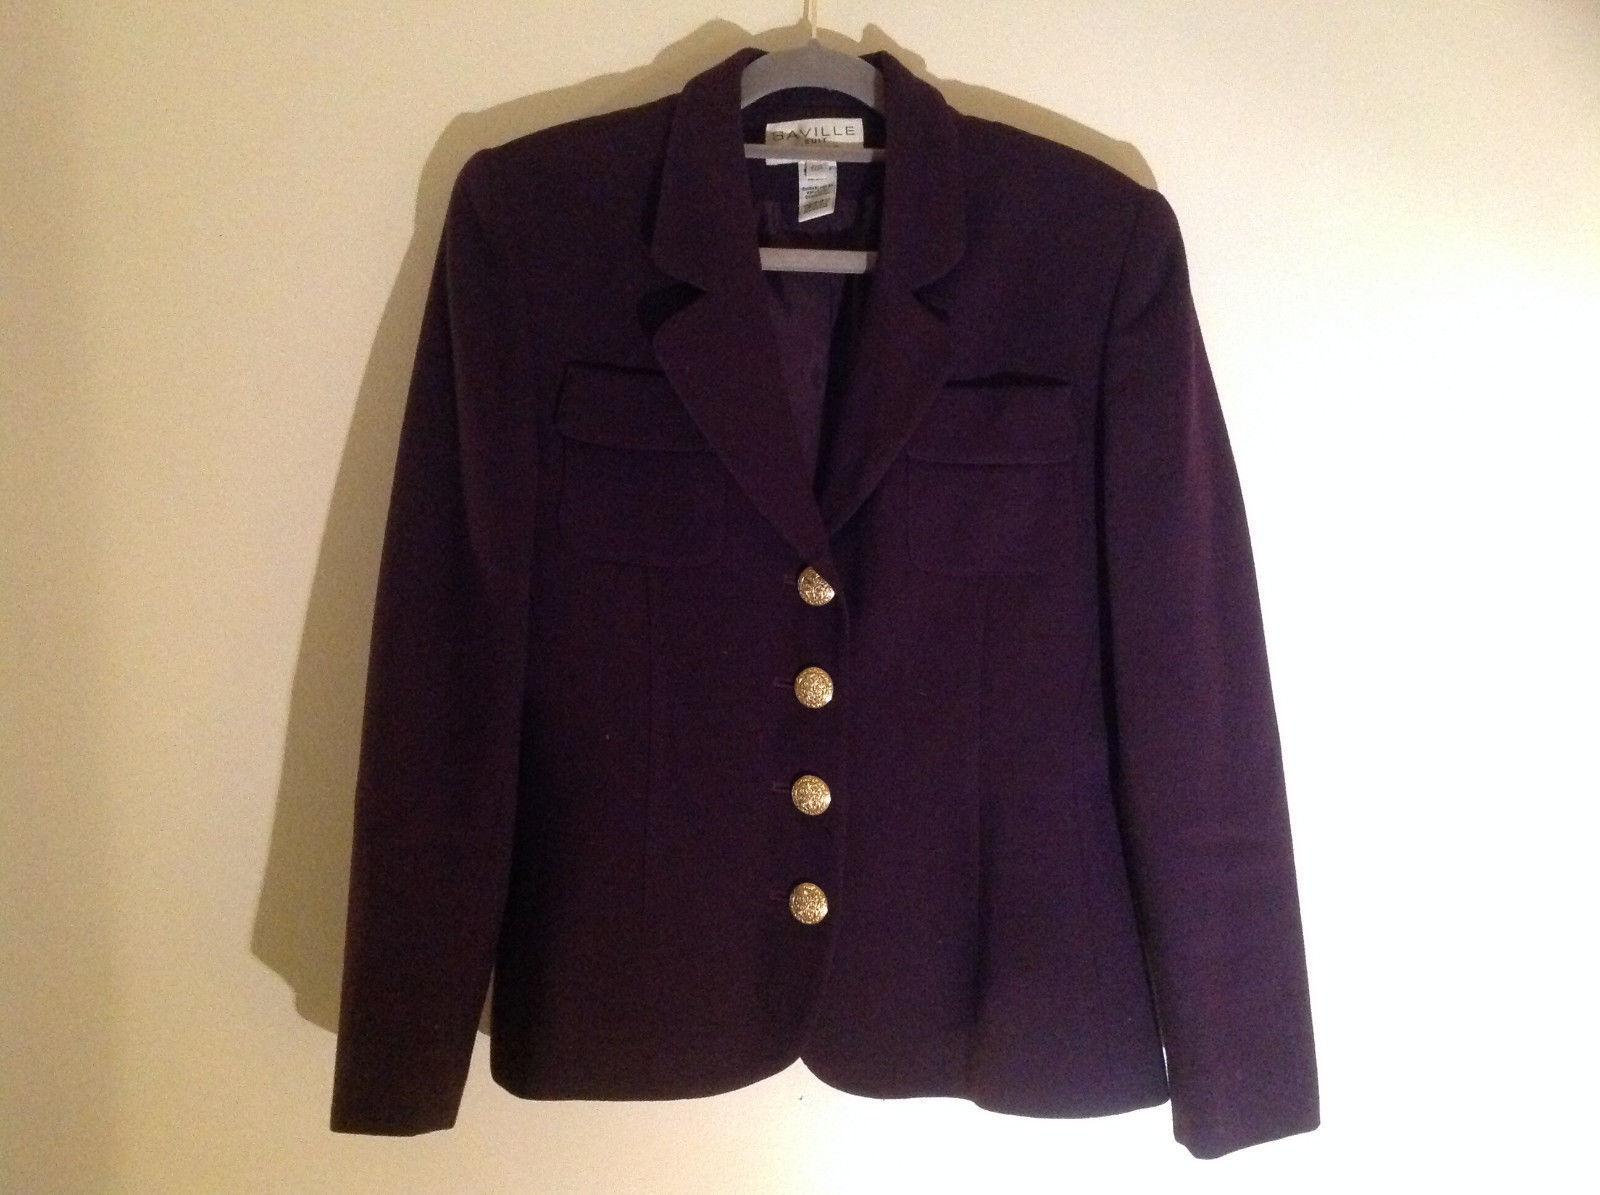 Plum Gold Buttoned Blazar 2 Front Pockets Saville Suit Petite Size 6P